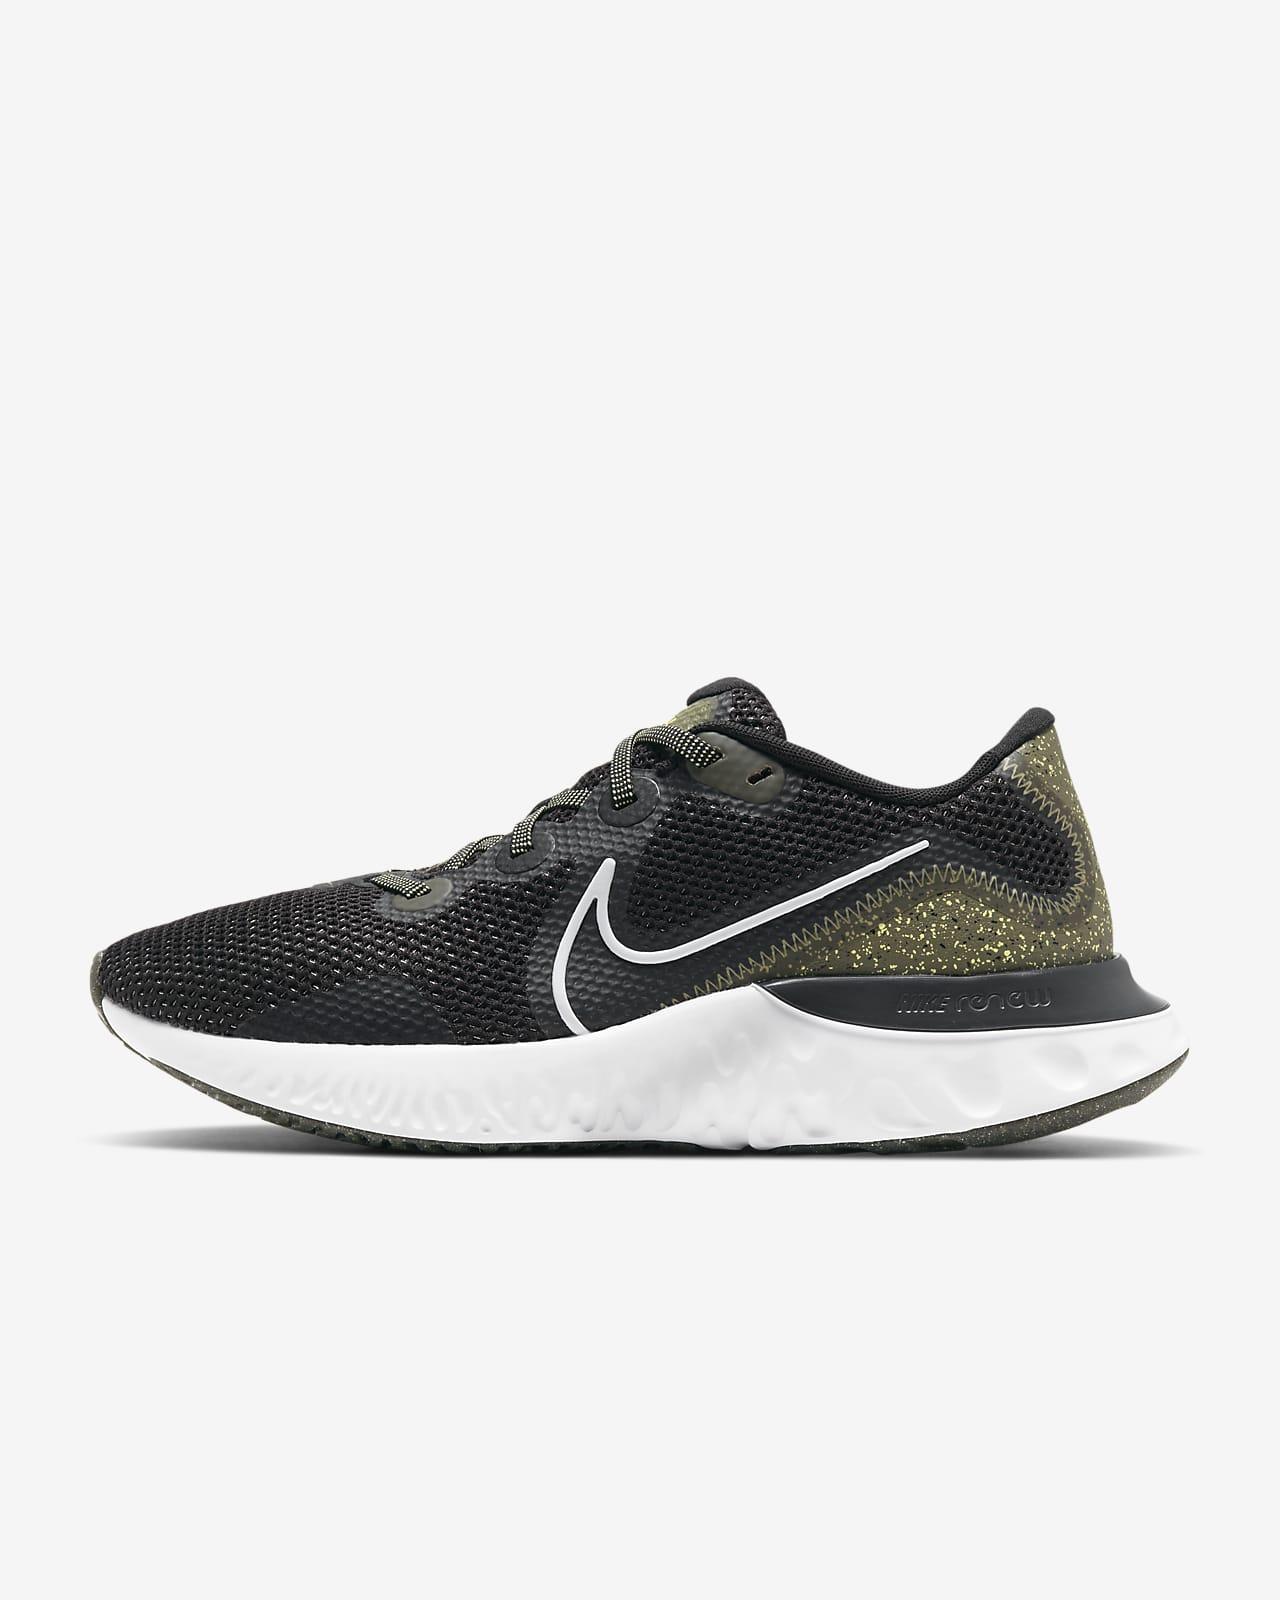 รองเท้าวิ่งผู้ชาย Nike Renew Run Special Edition